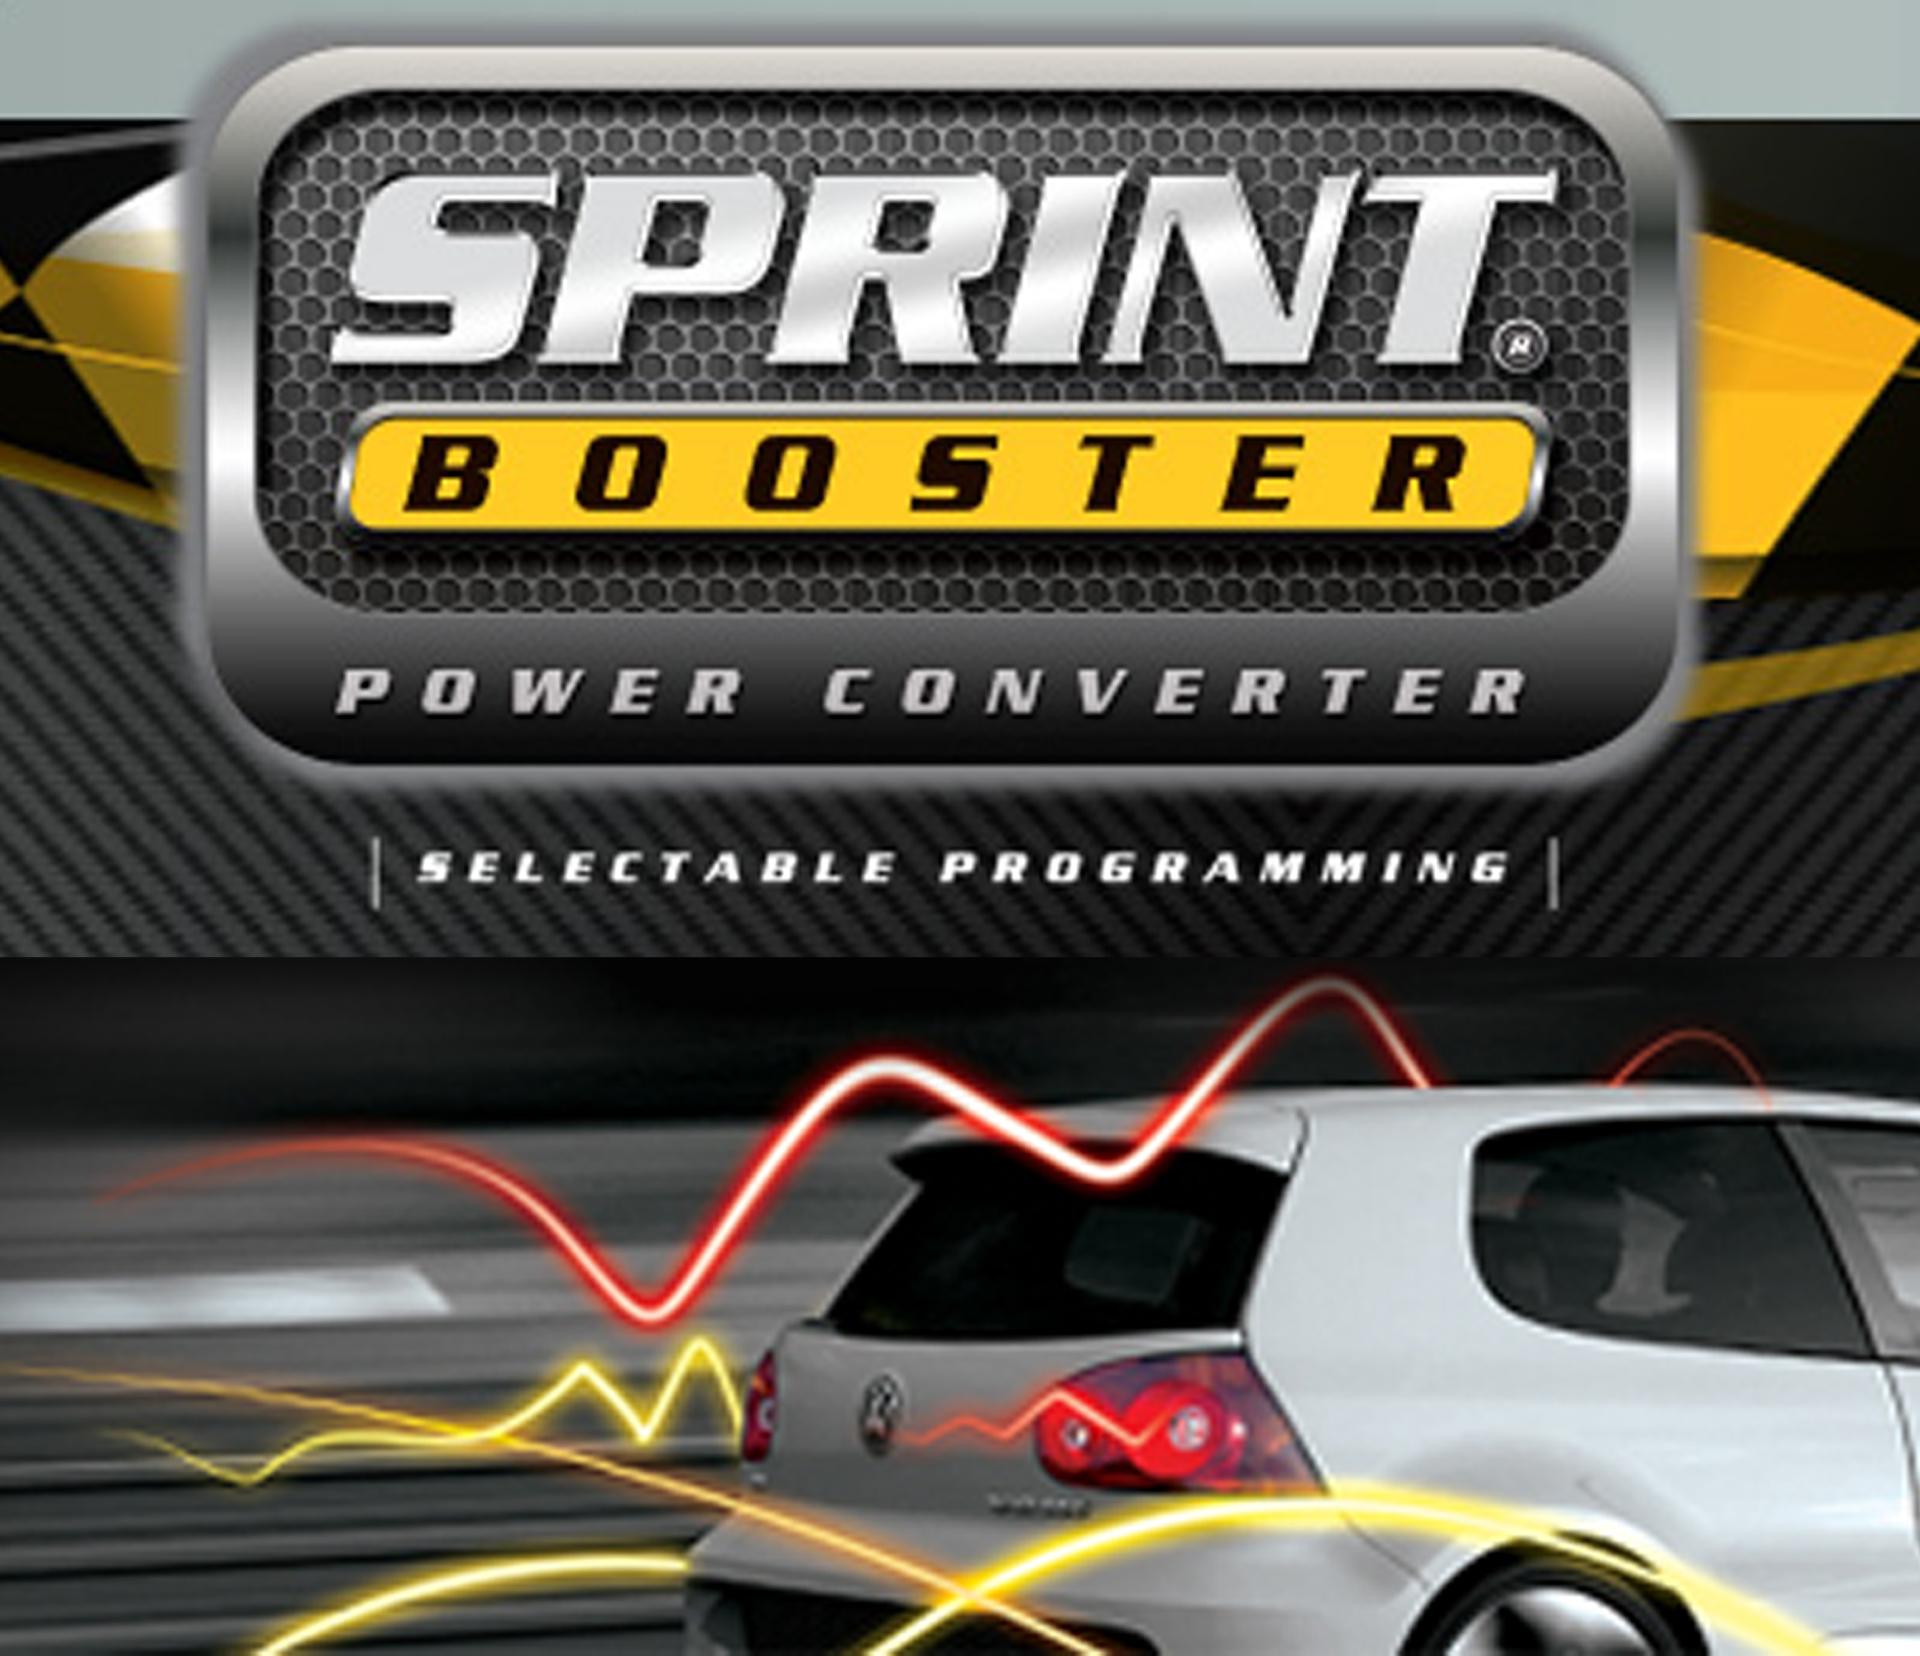 Sprint Booster